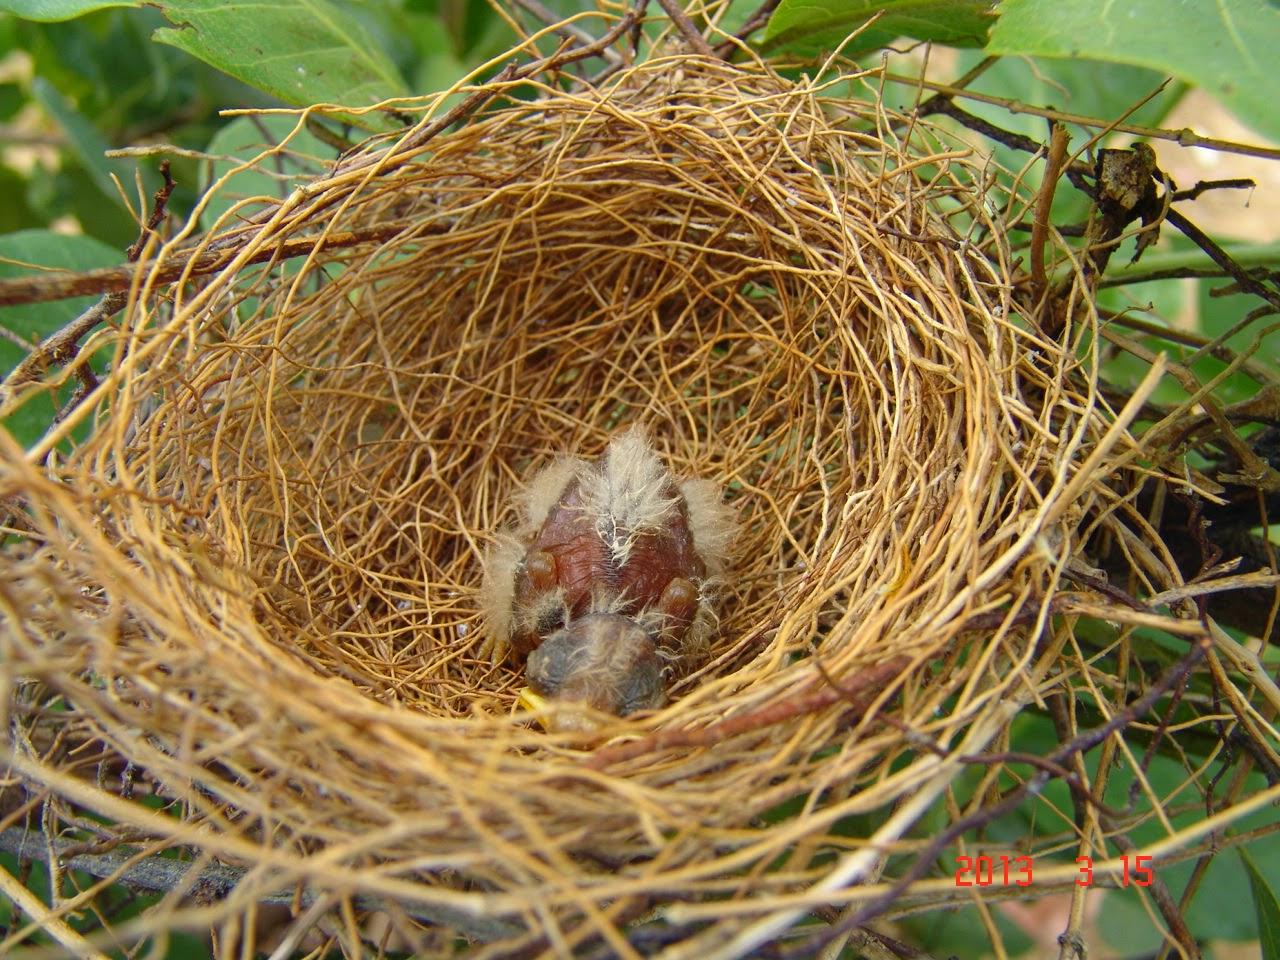 O pequeno filhote de passáro no ninho